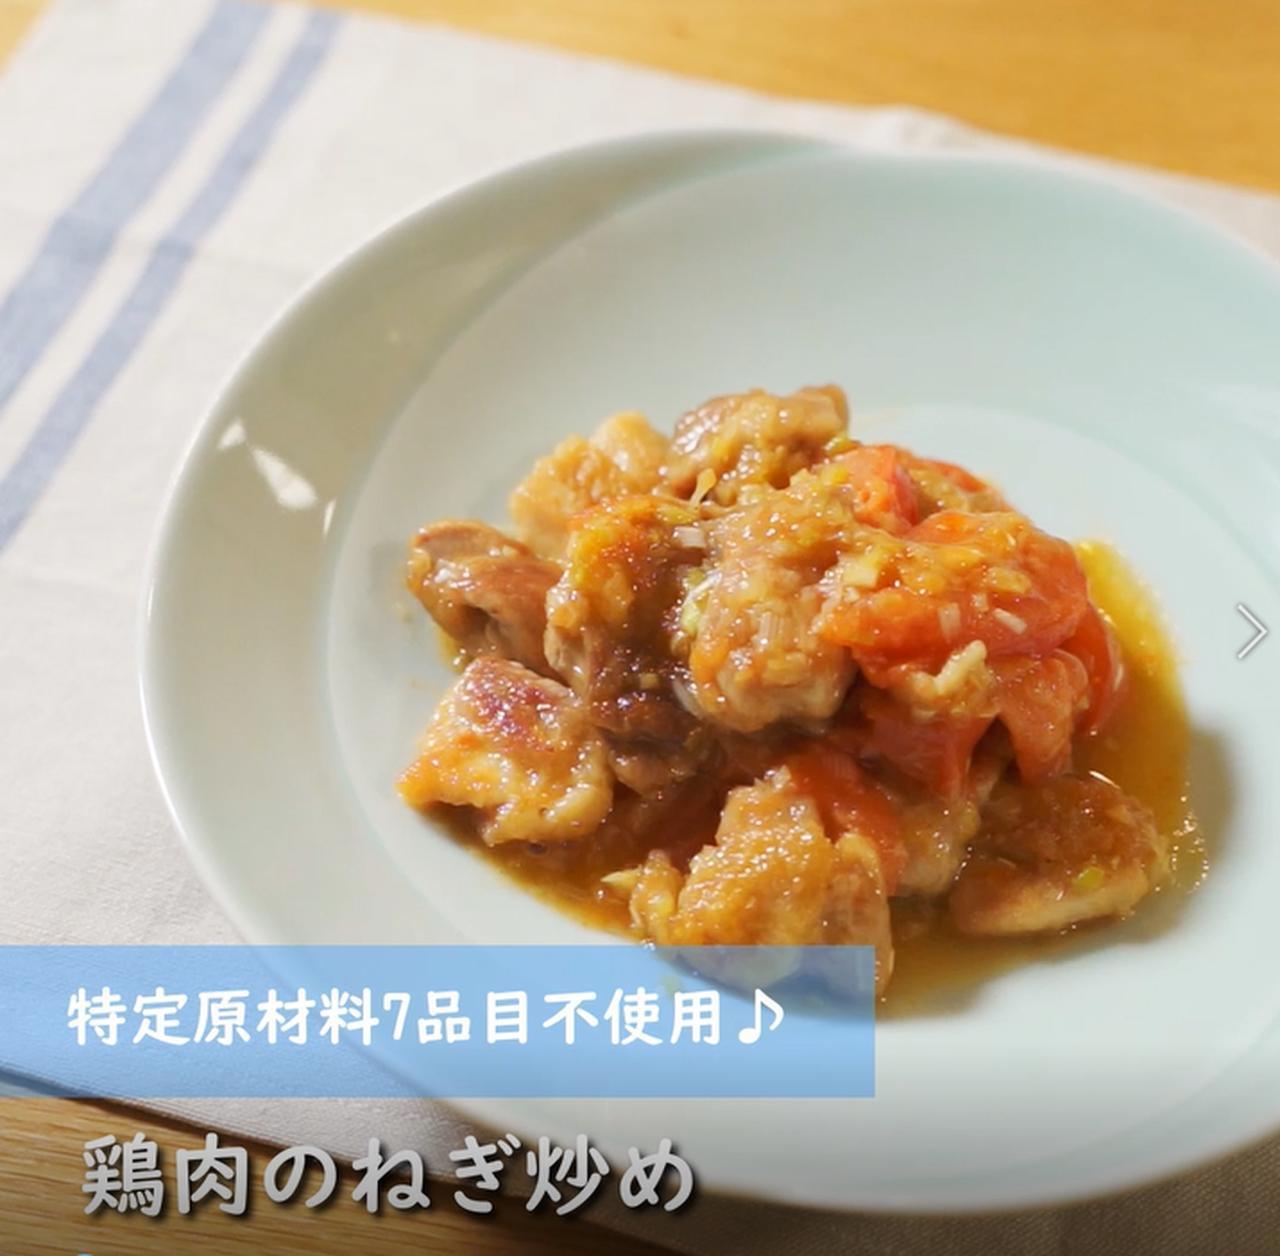 画像: とろっと溶ける!鶏肉のねぎ塩炒め - 君とごはん